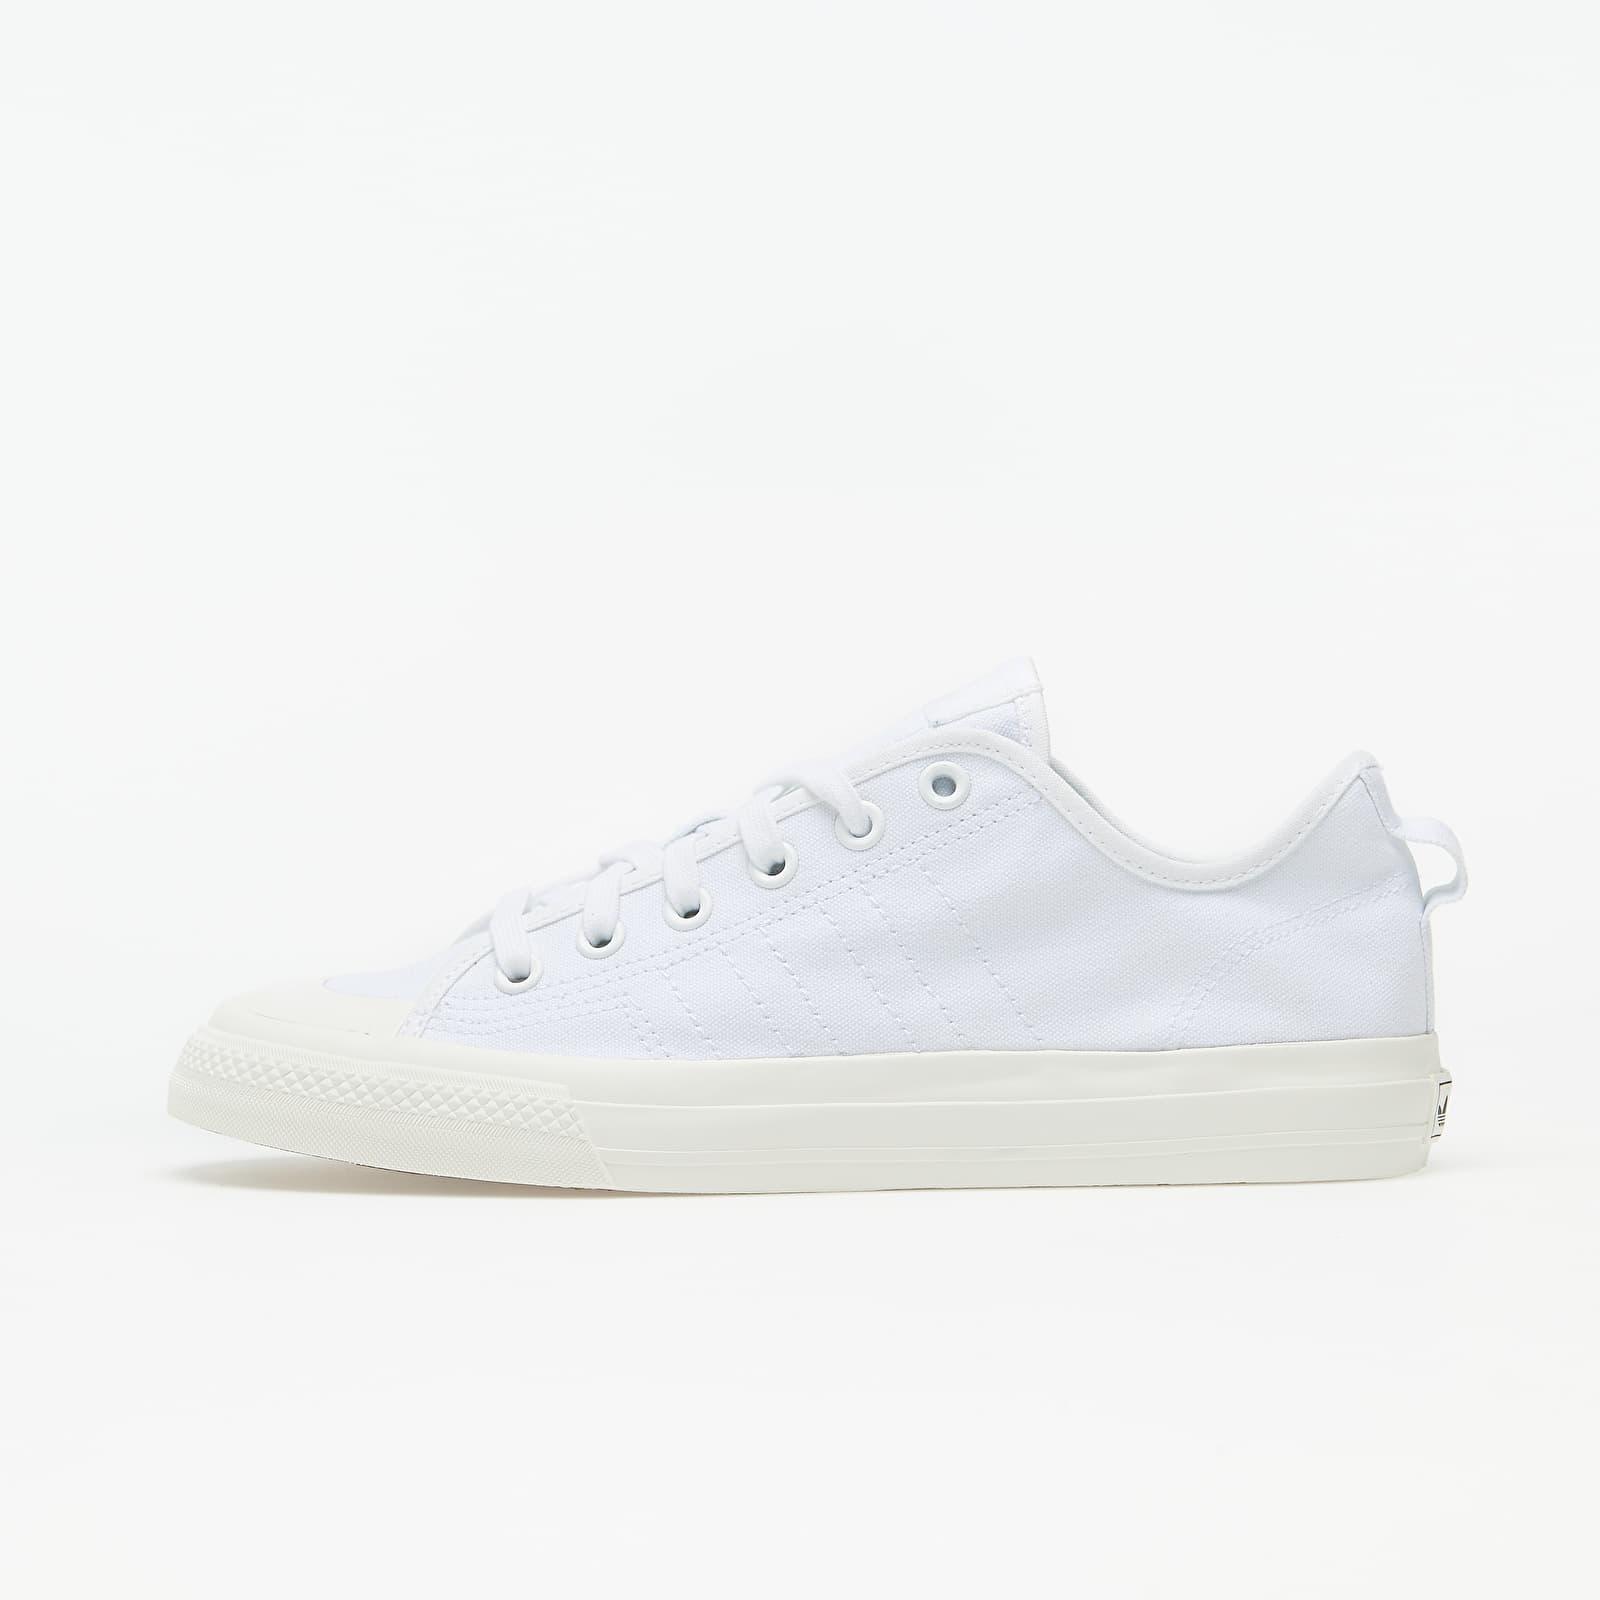 adidas Nizza RF Ftw White/ Ftw White/ Off White EUR 45 1/3